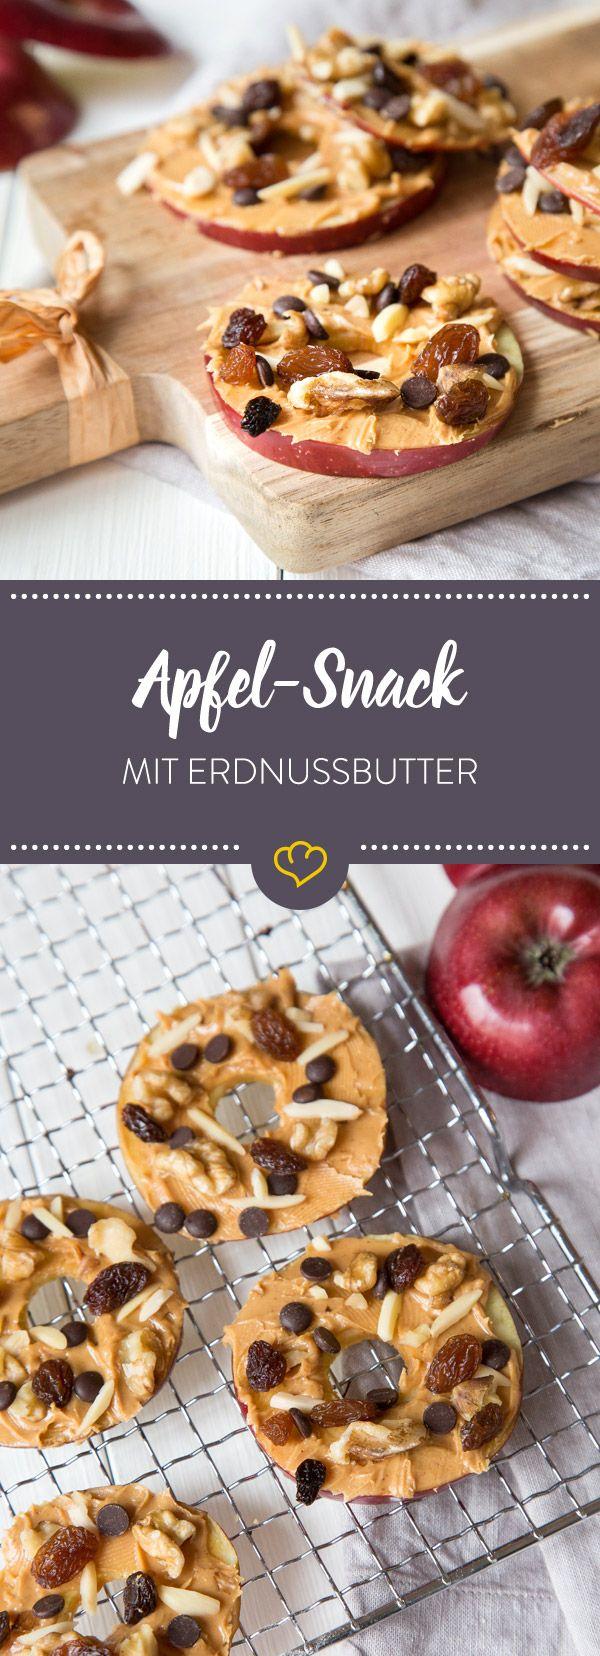 Bereite dir diesen leckeren Apfel-Erdnussbutter-Snack mit Walüssen, Mandelsplittern, Rosinen und Schokodrops zu und du kannst mit gutem Gewissen naschen.